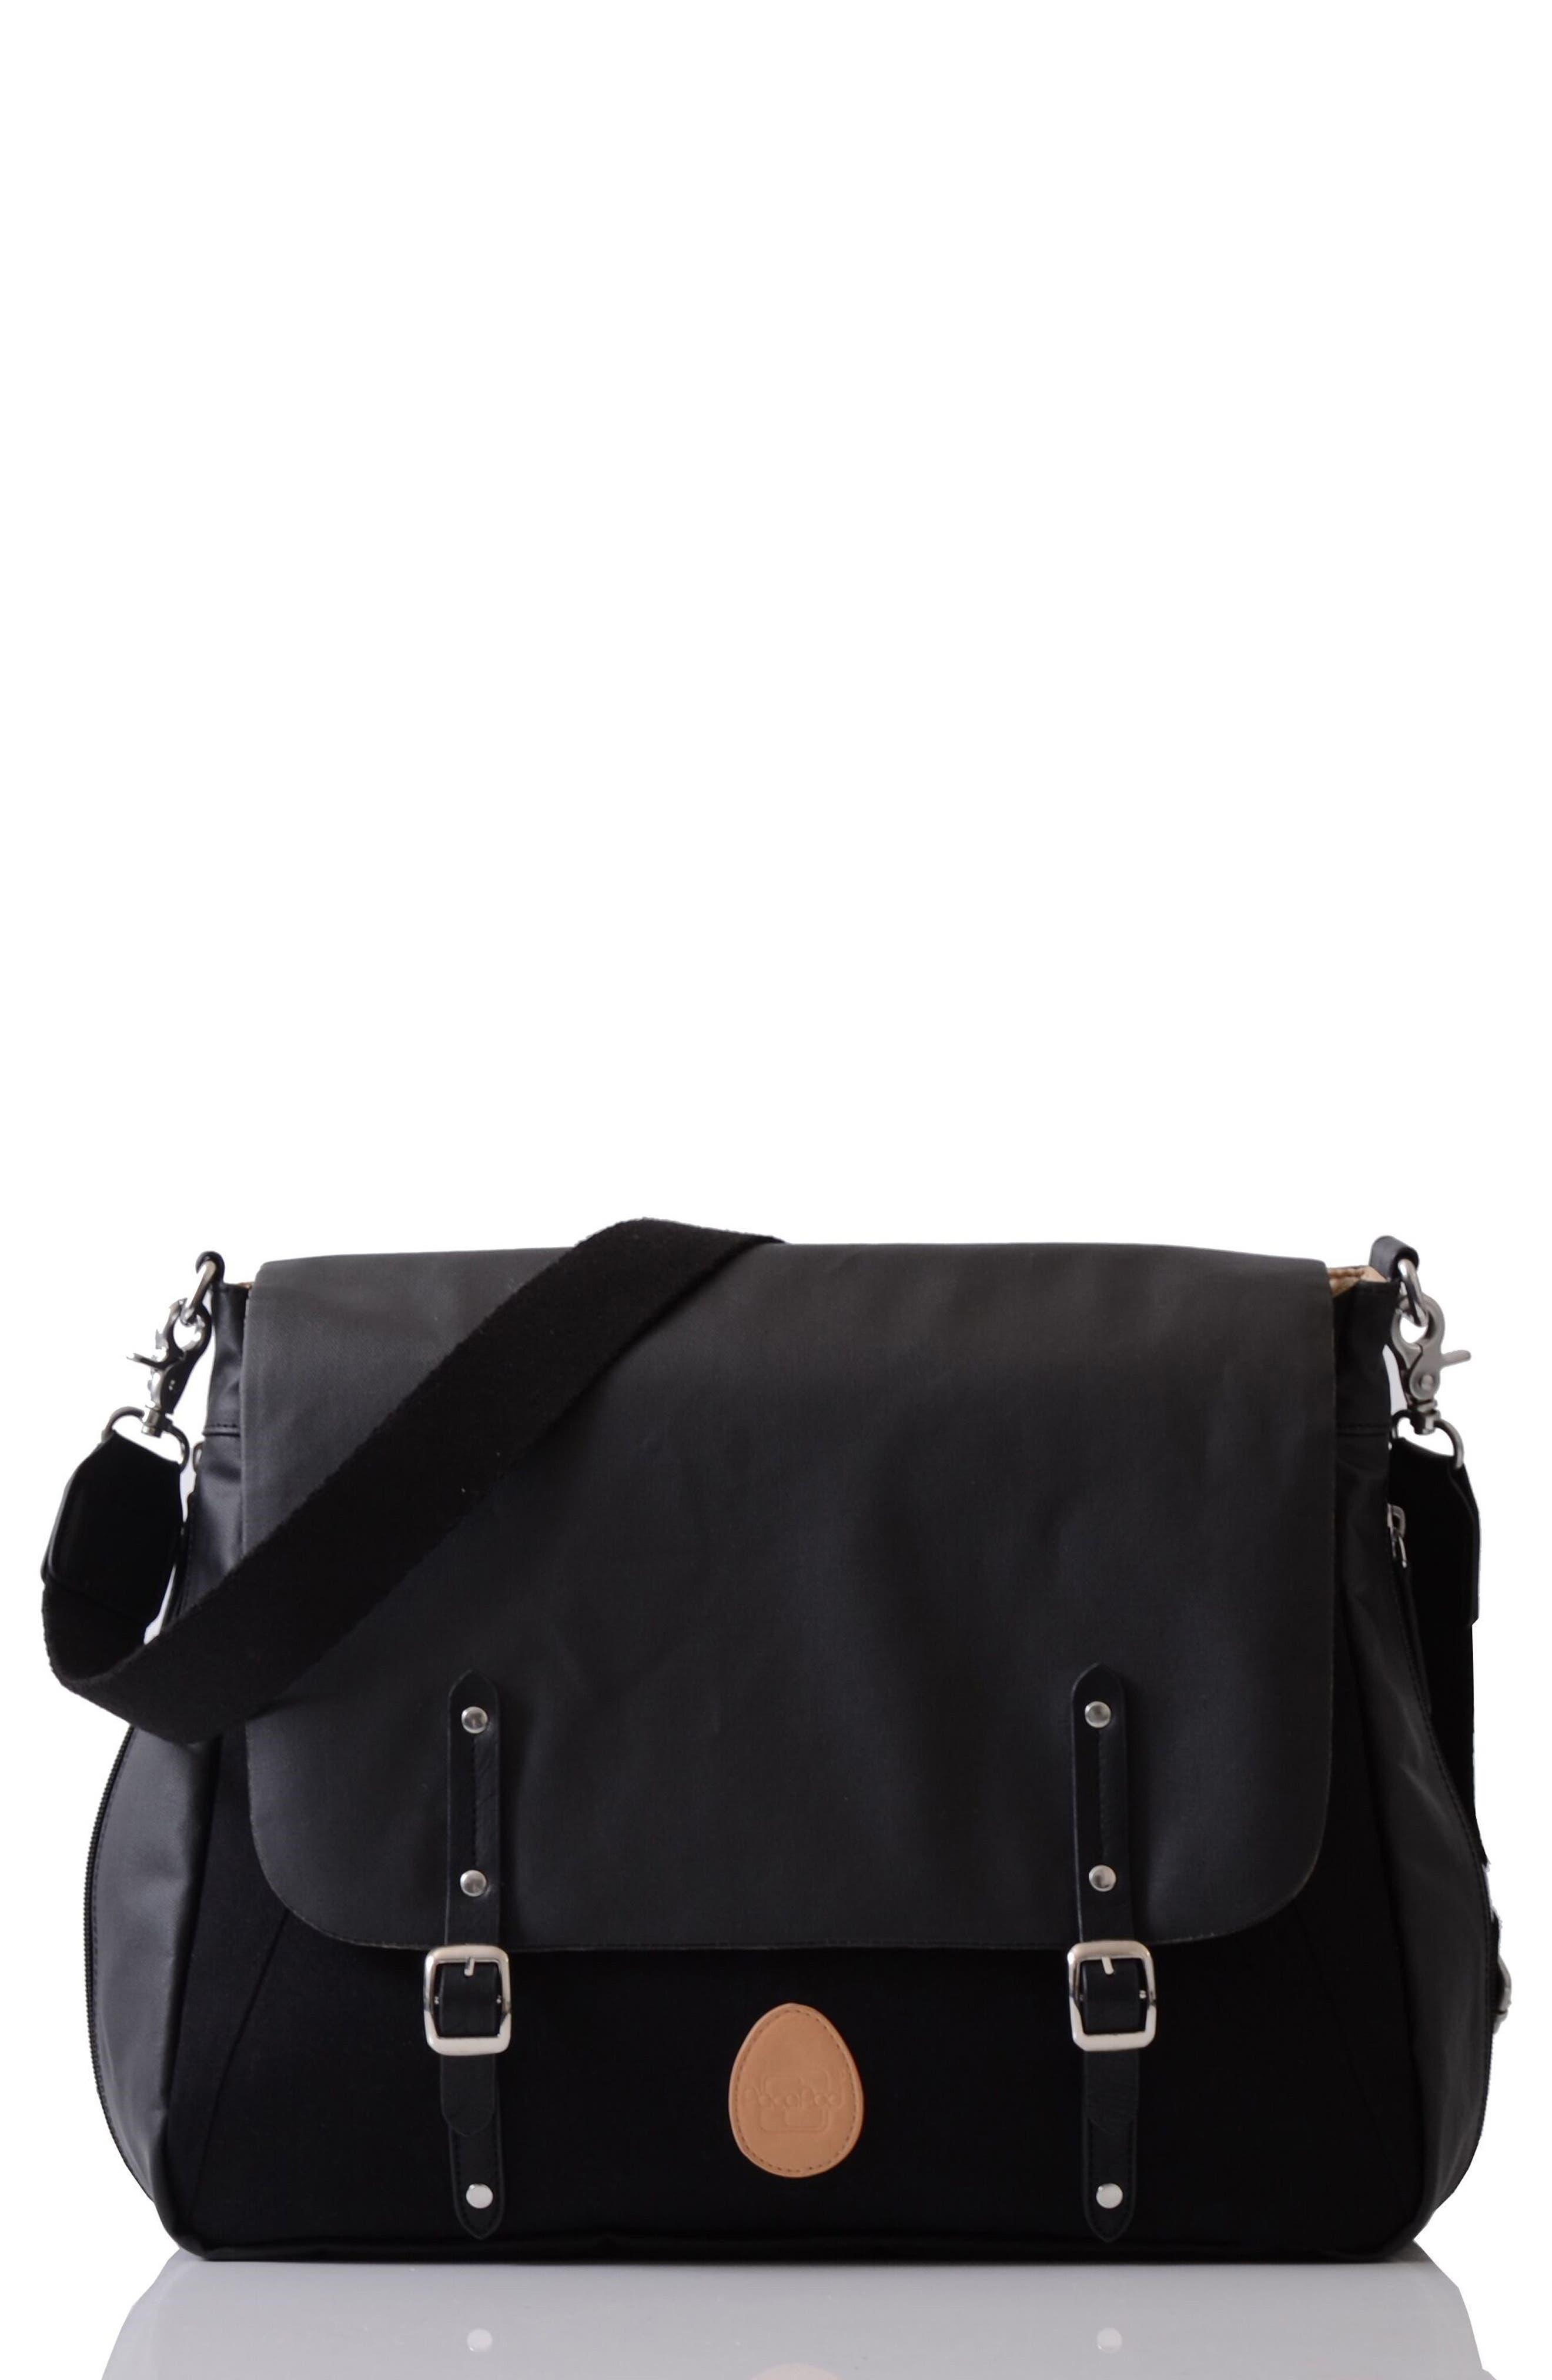 Prescott Coated Canvas Diaper Bag,                             Main thumbnail 1, color,                             BLACK